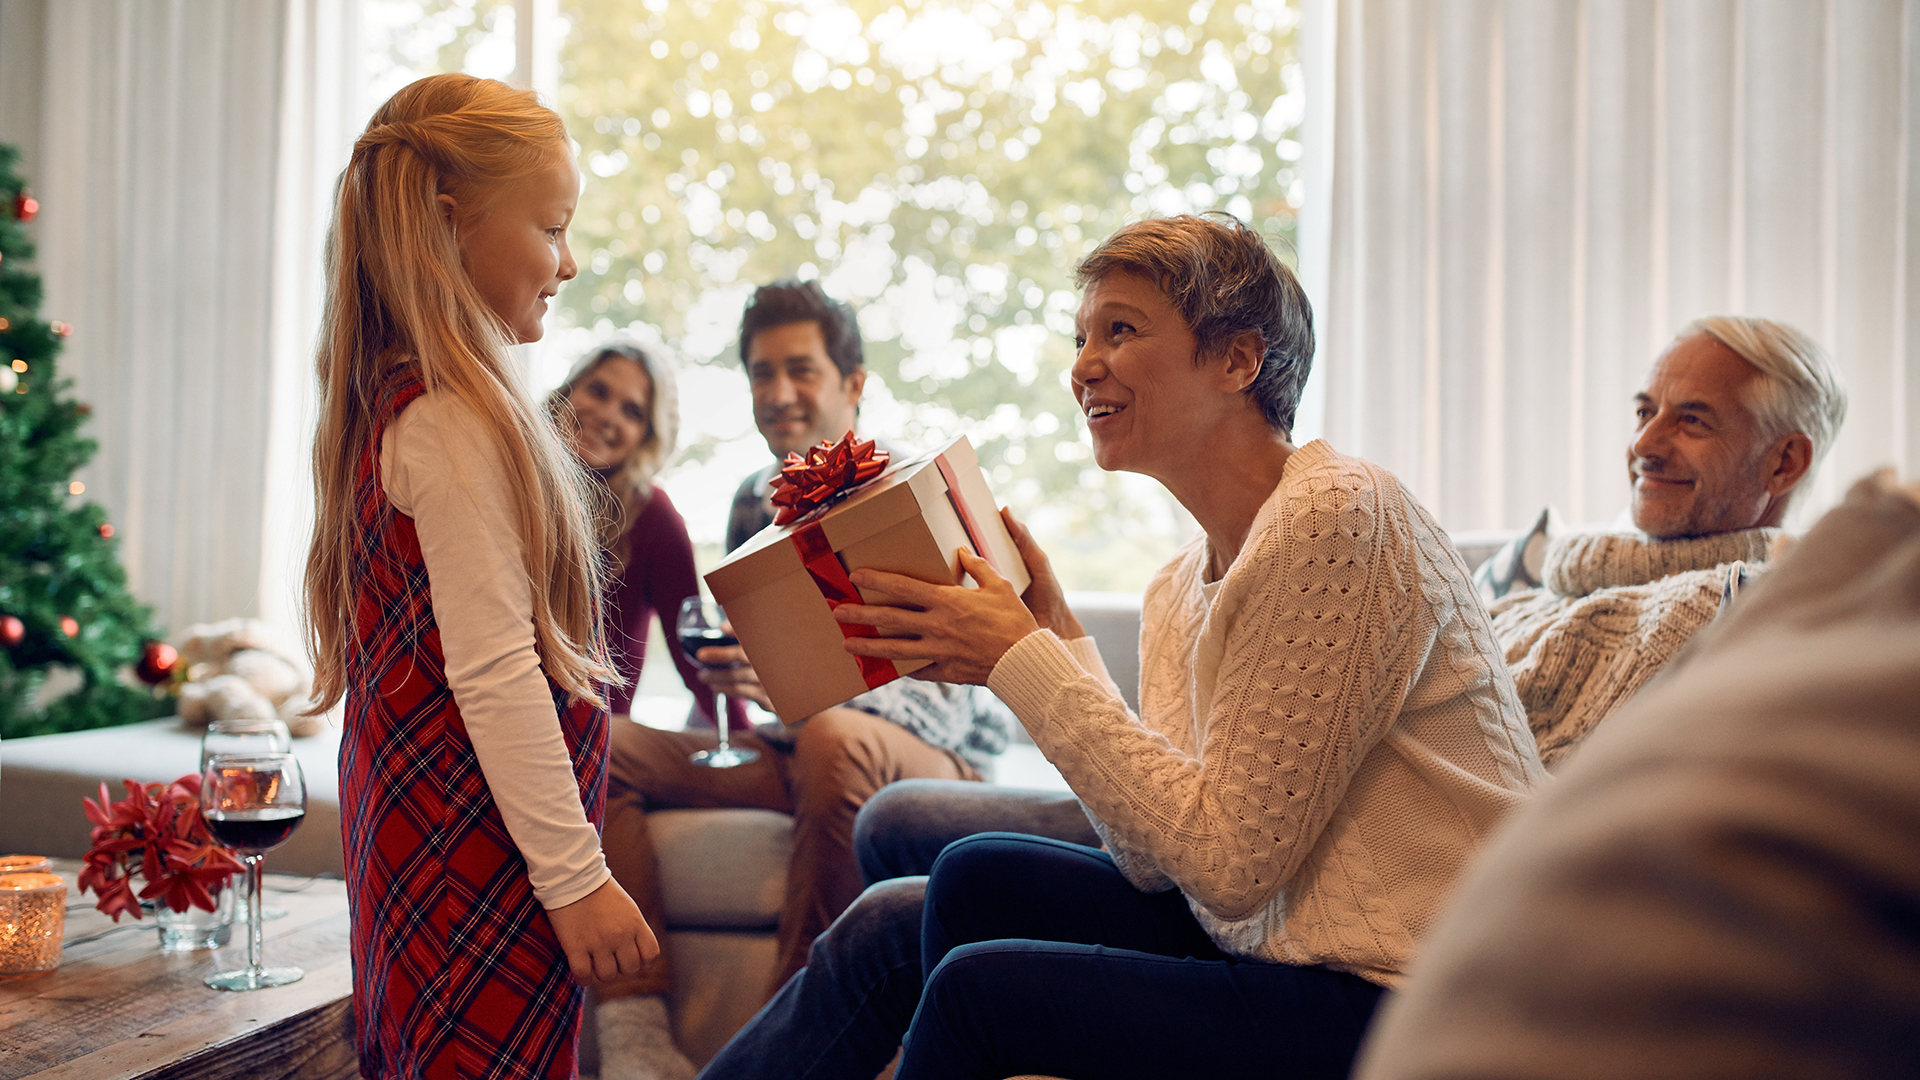 Criança recebe presente de um adulto: alguns pais, sem se darem conta, impõem aos filhos muito daquilo que lhes faltou na infância